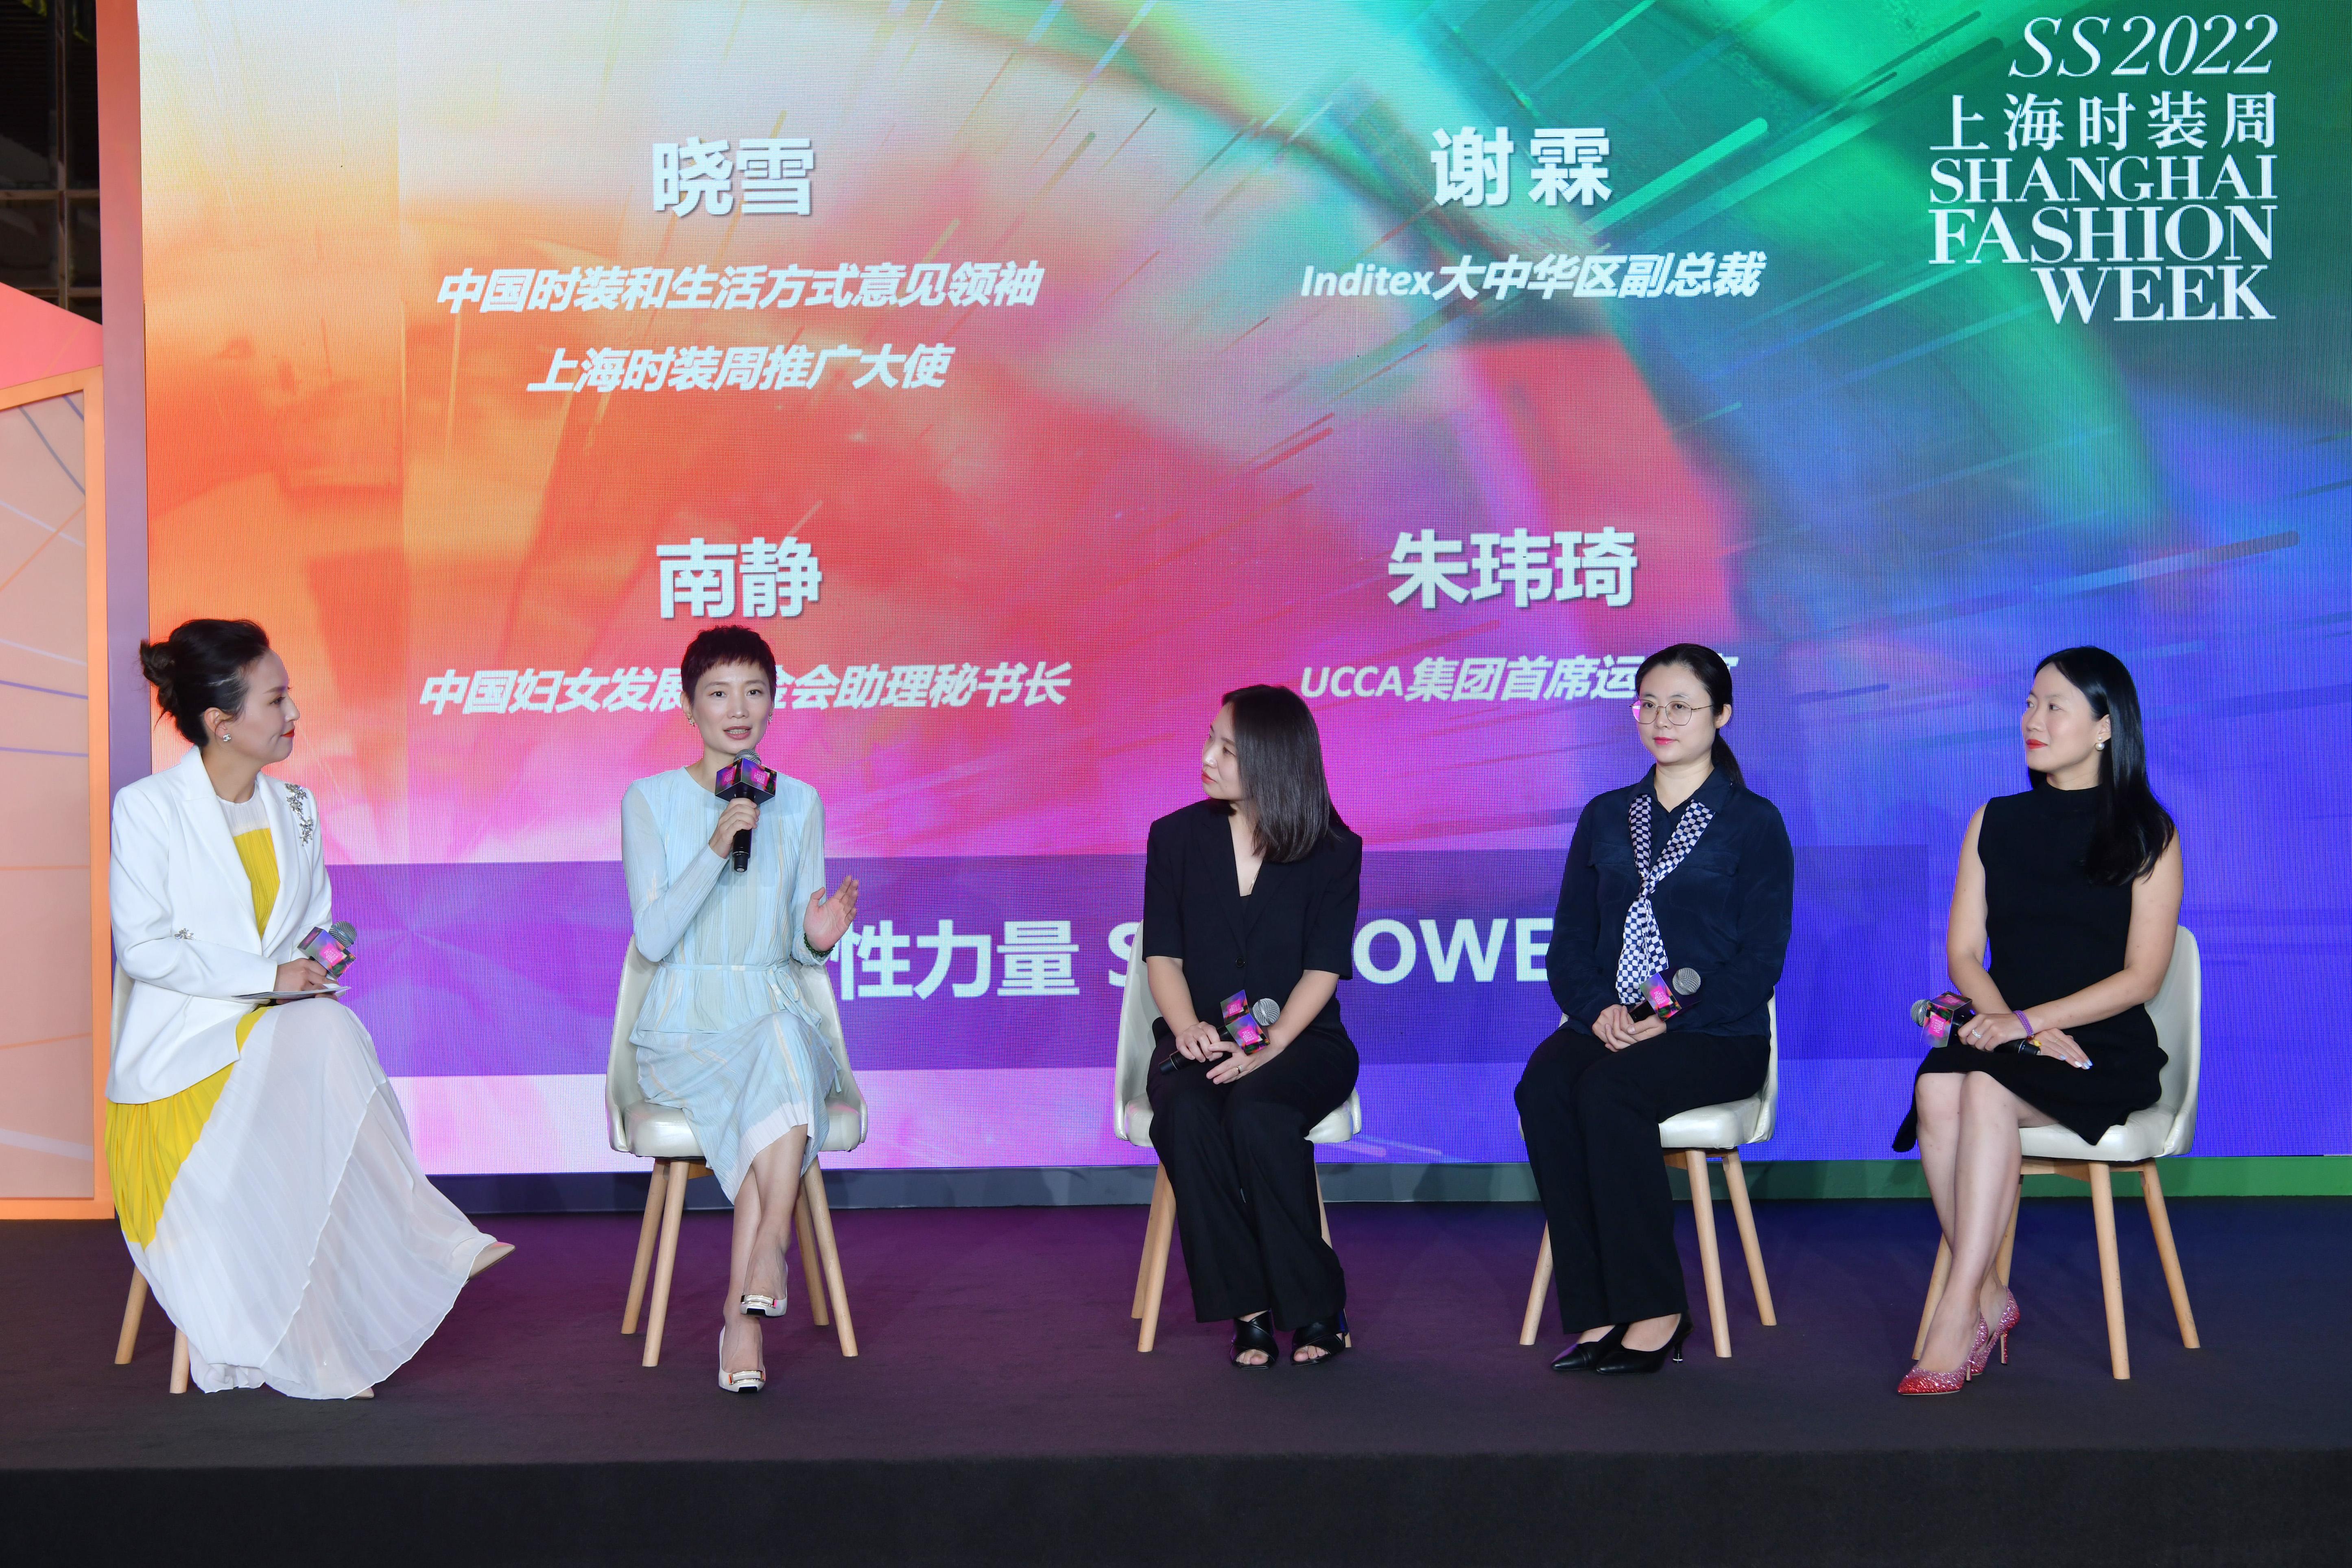 Xiao Xue anime une table ronde lors de la conférence de presse de la Fashion Week de Shanghai